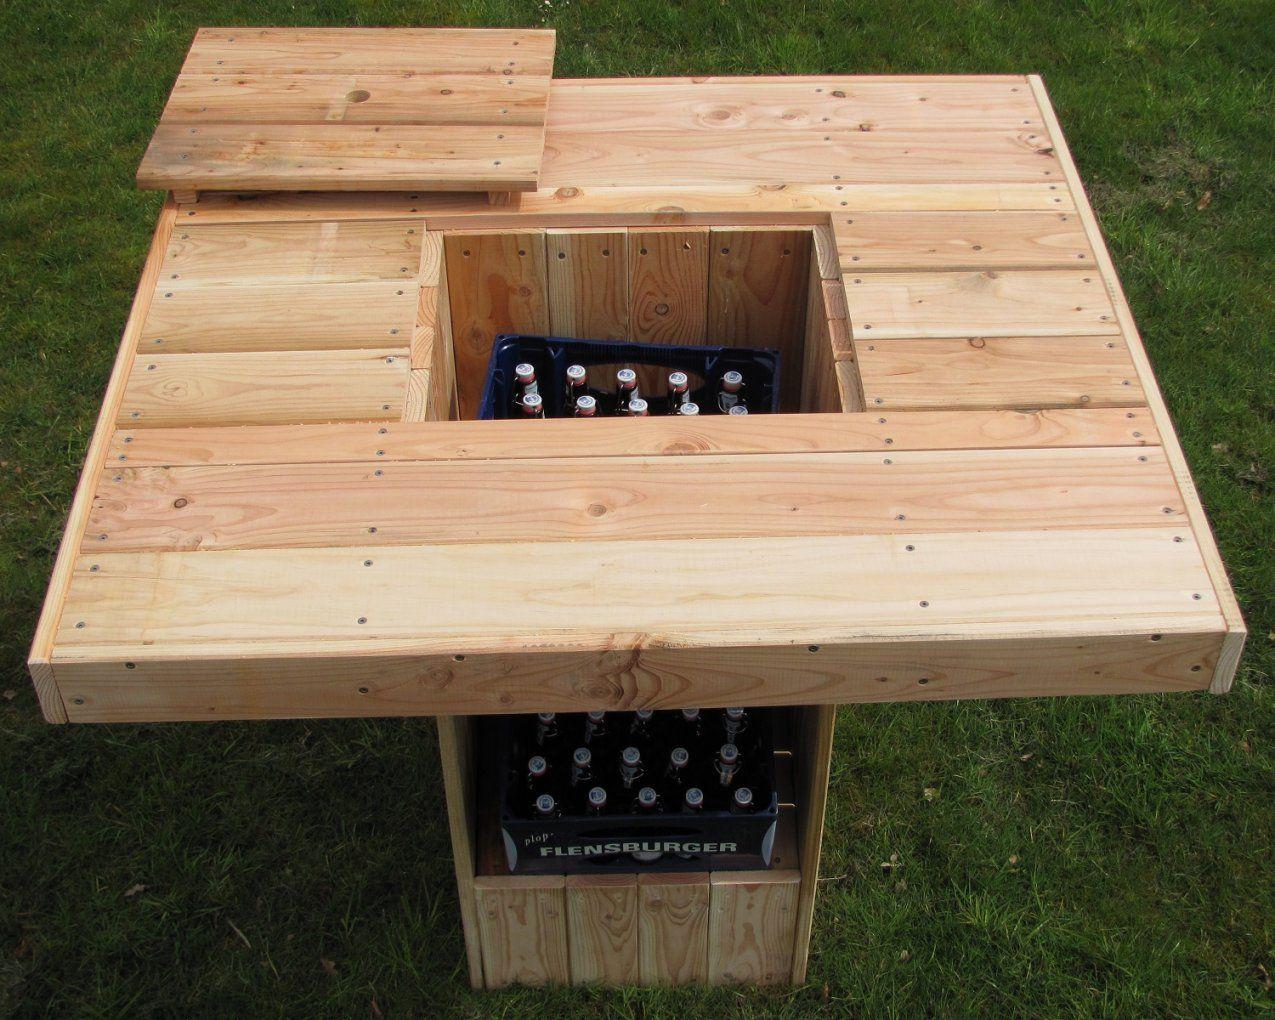 Stehtisch Für 812 Personen Und 2 Getränkekisten Partytisch von Gartentisch Für 12 Personen Bild